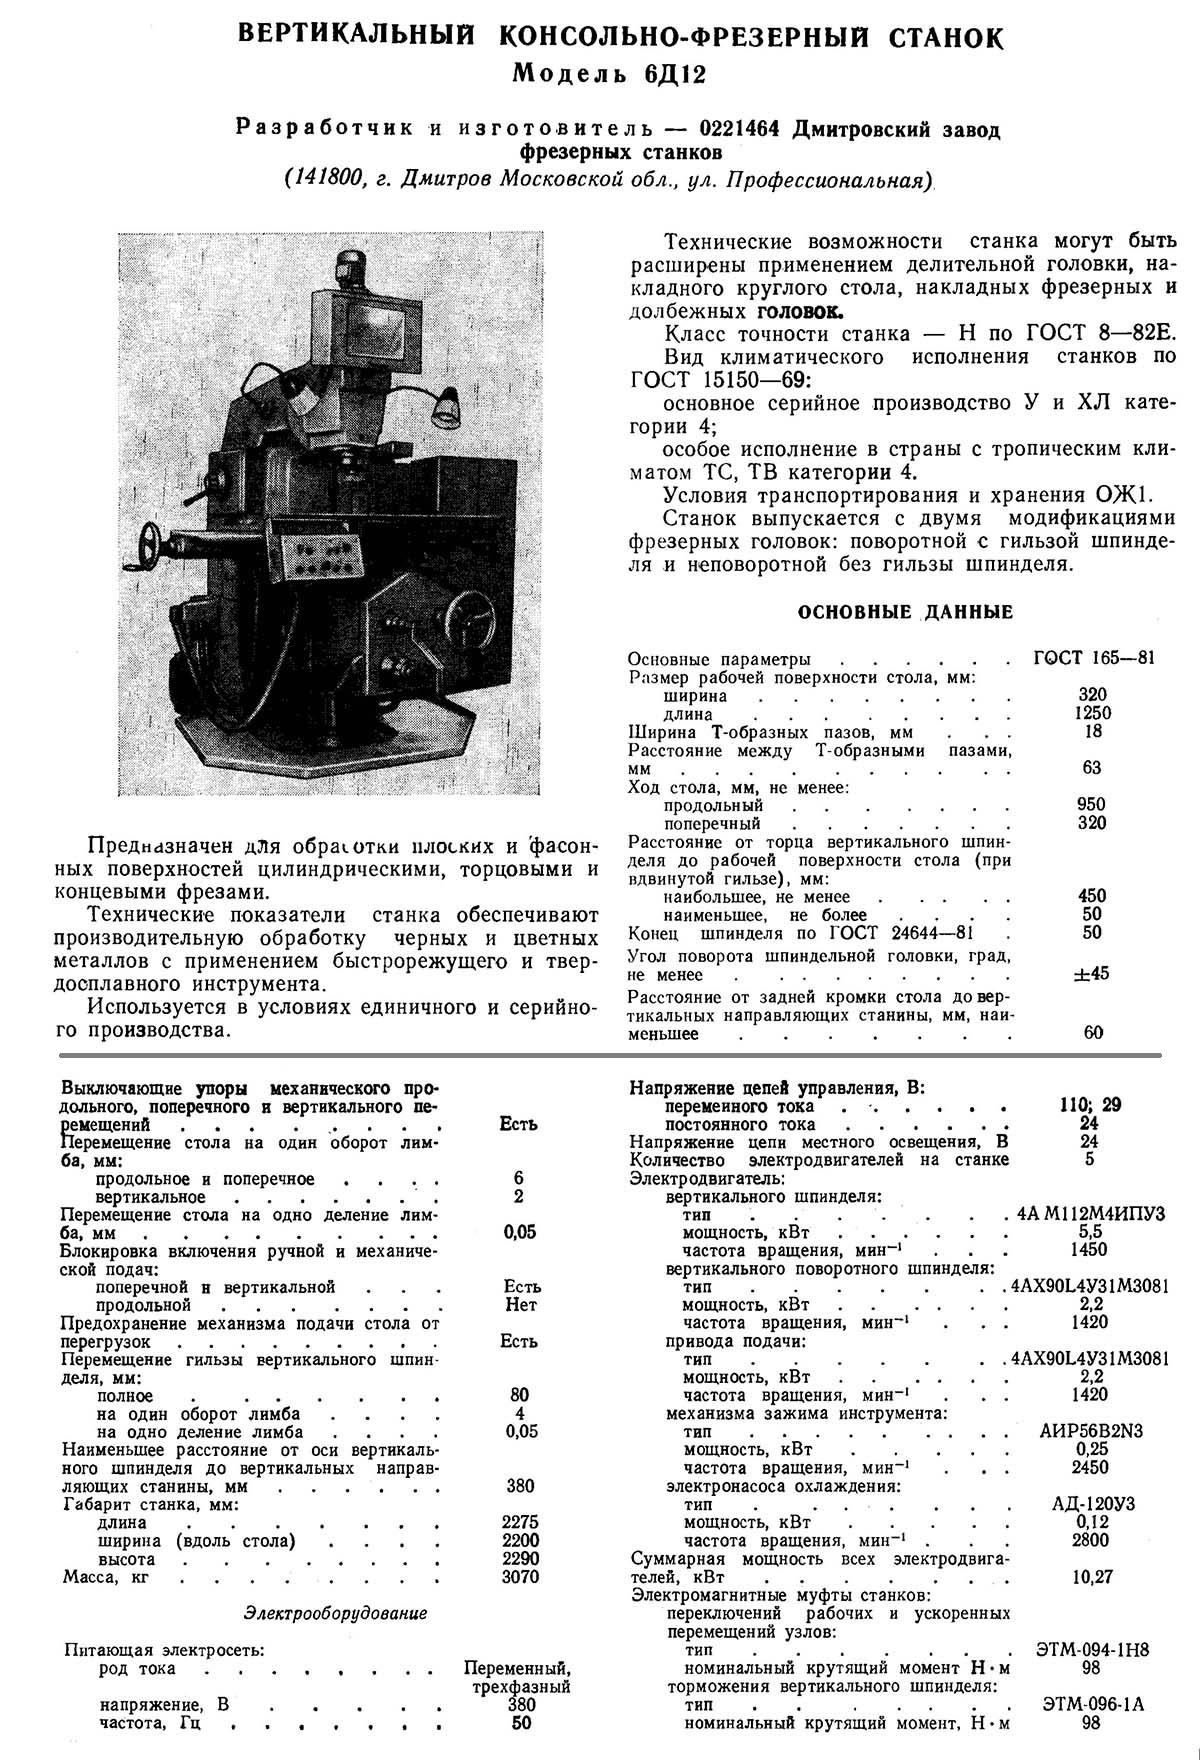 6р13. вертикально-фрезерный станок. паспорт, характеристики, схема, руководство